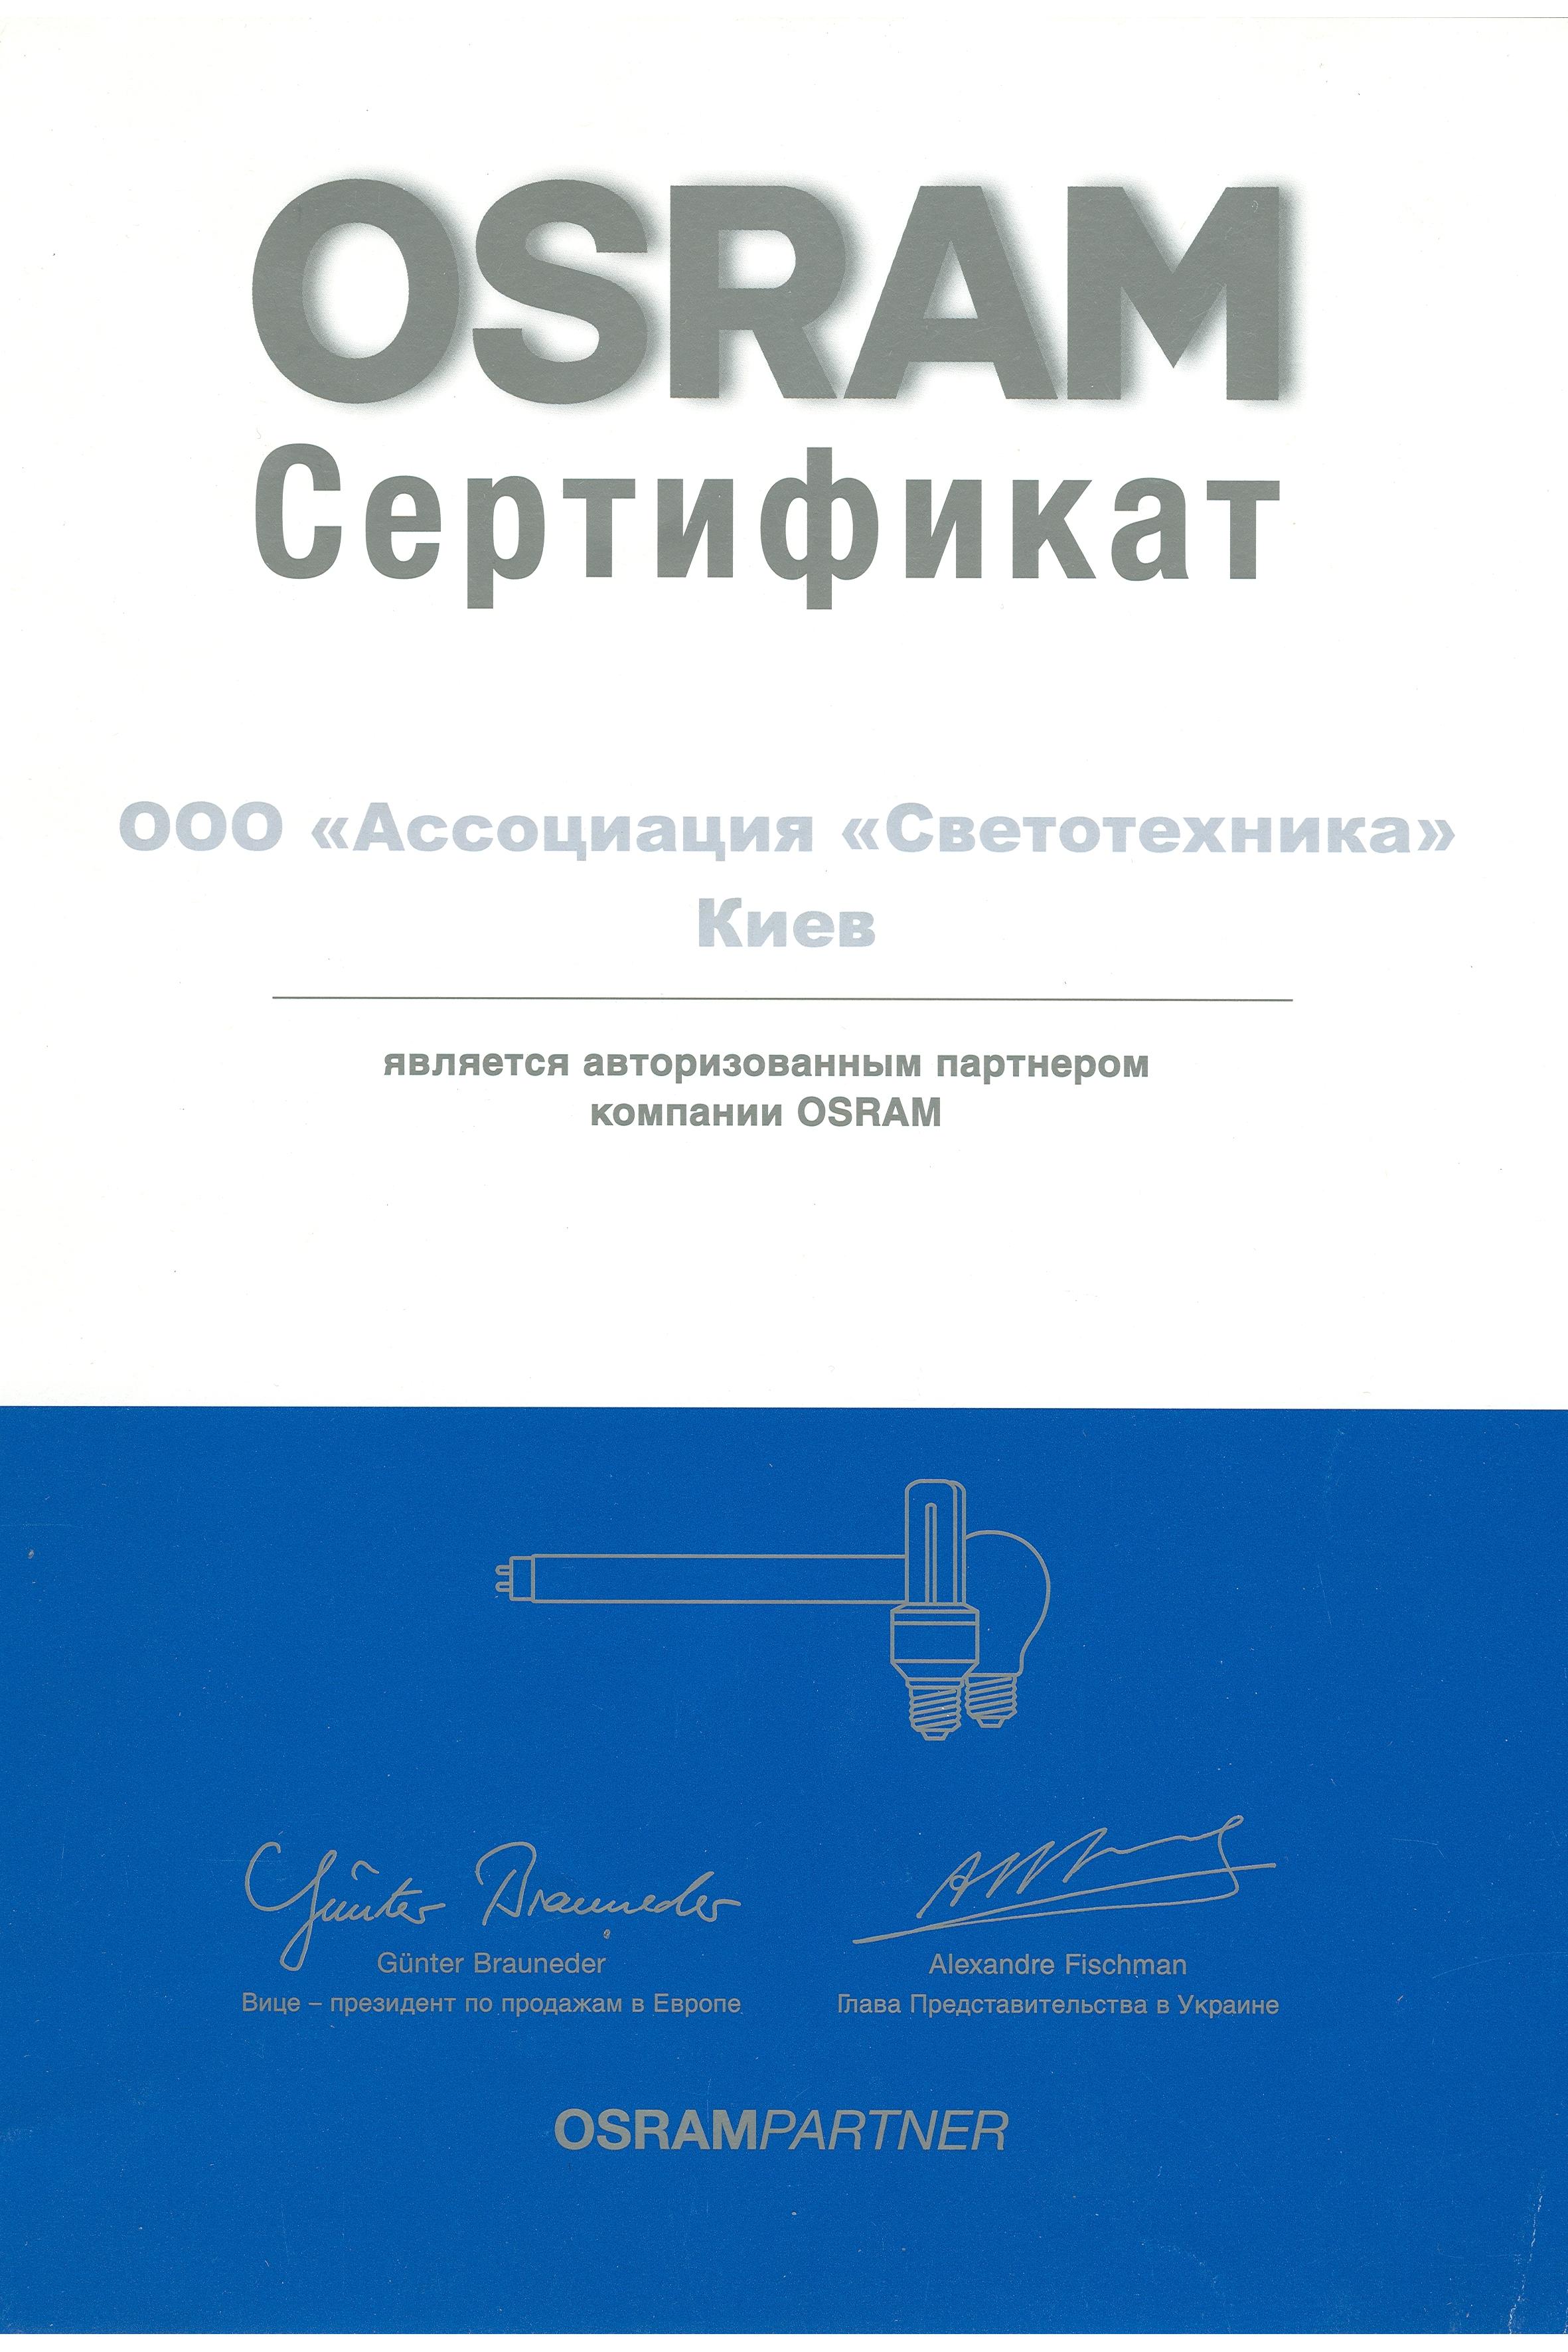 """СЕРТИФИКАТ: ООО """"Ассоциация """"Светотехника"""" Киев является авторизированным партнером компании OSRAM"""